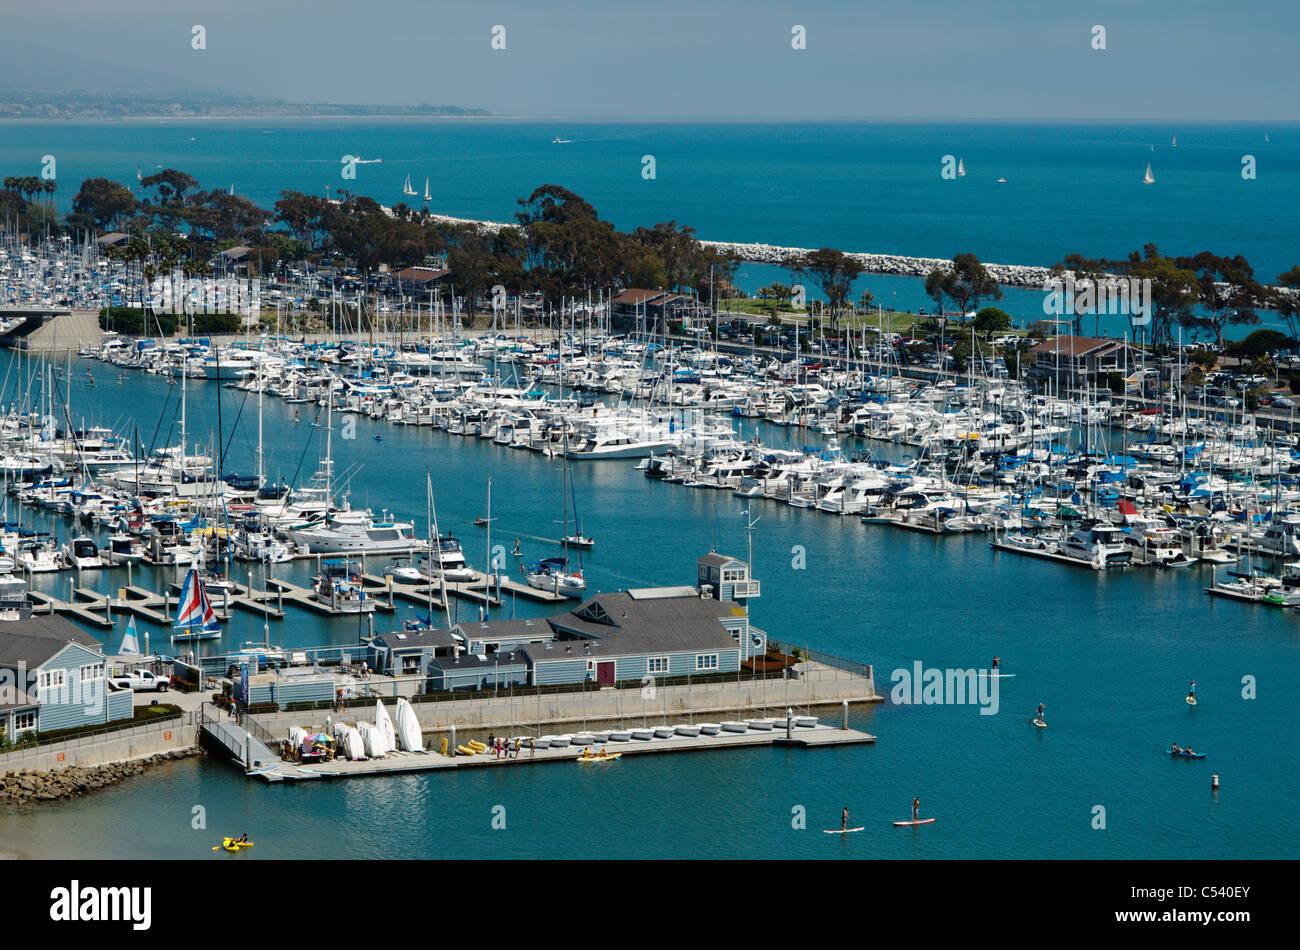 Dana Point, California Dana Point harbor and marina, California, USA (June 2011) - Stock Image